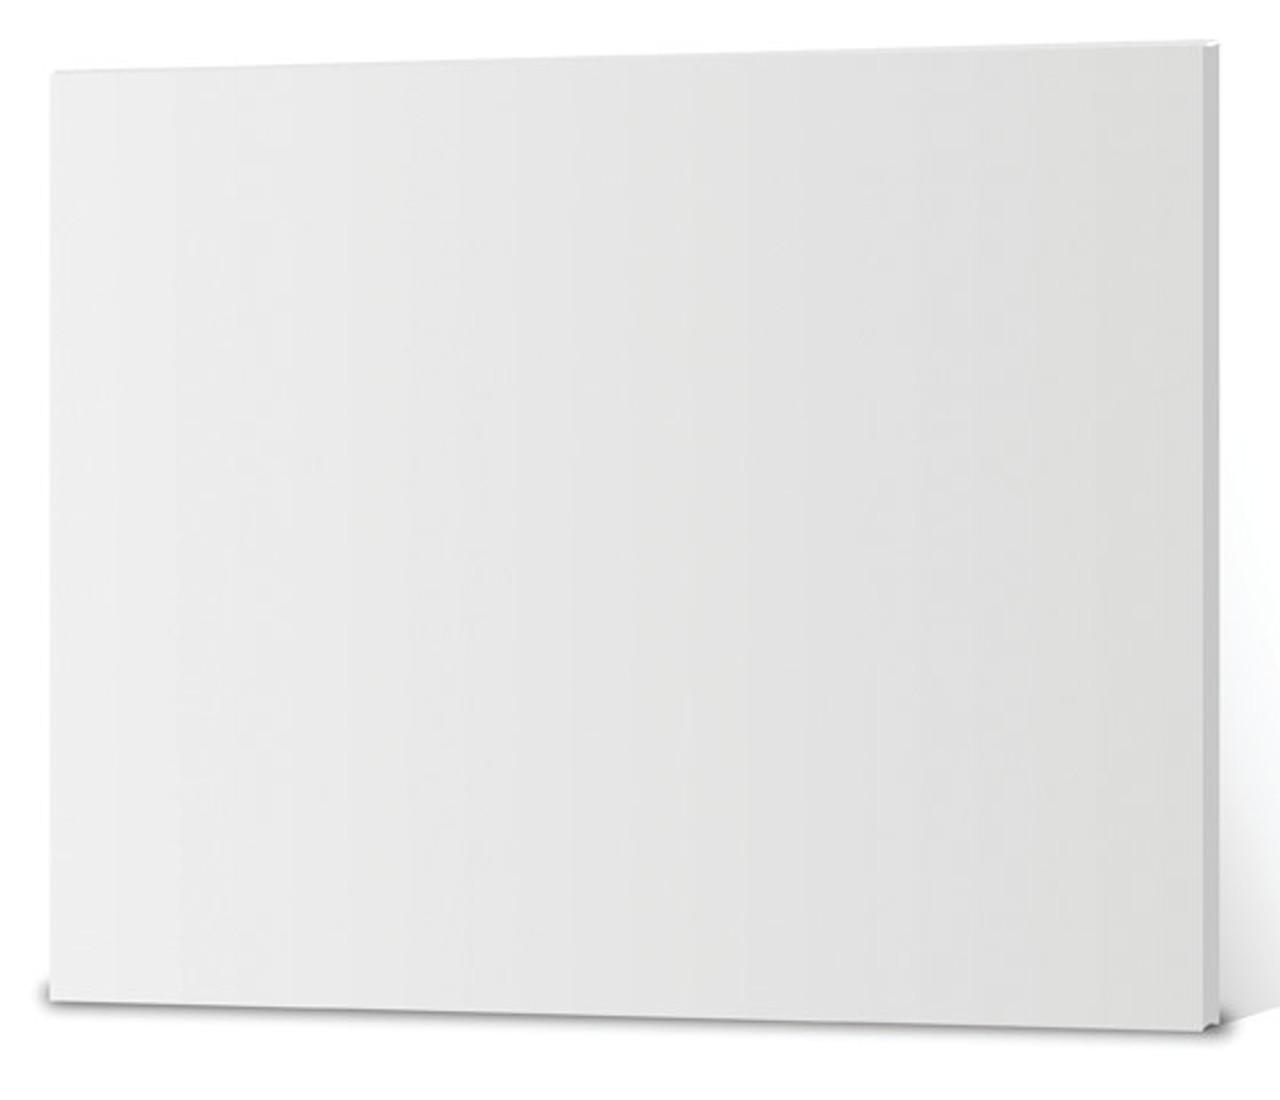 Elmer's Foam Board White 1/2in x 20in x 30in